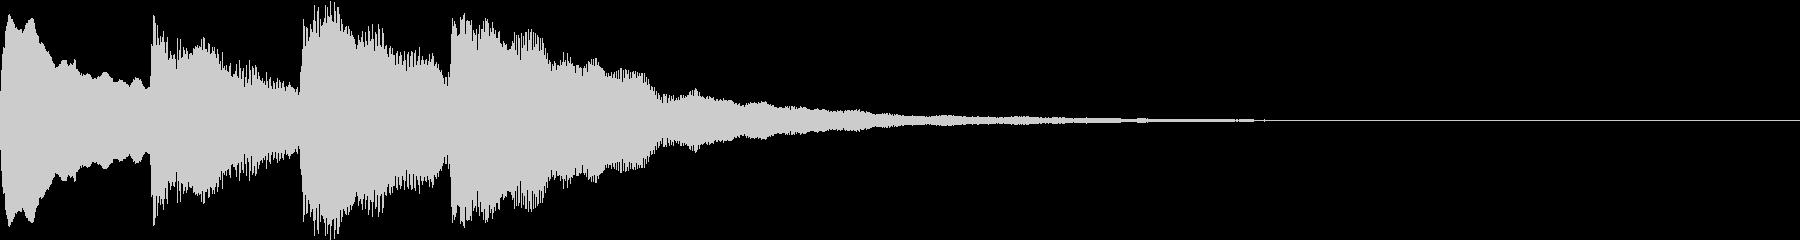 アナウンスの開始音 01の未再生の波形